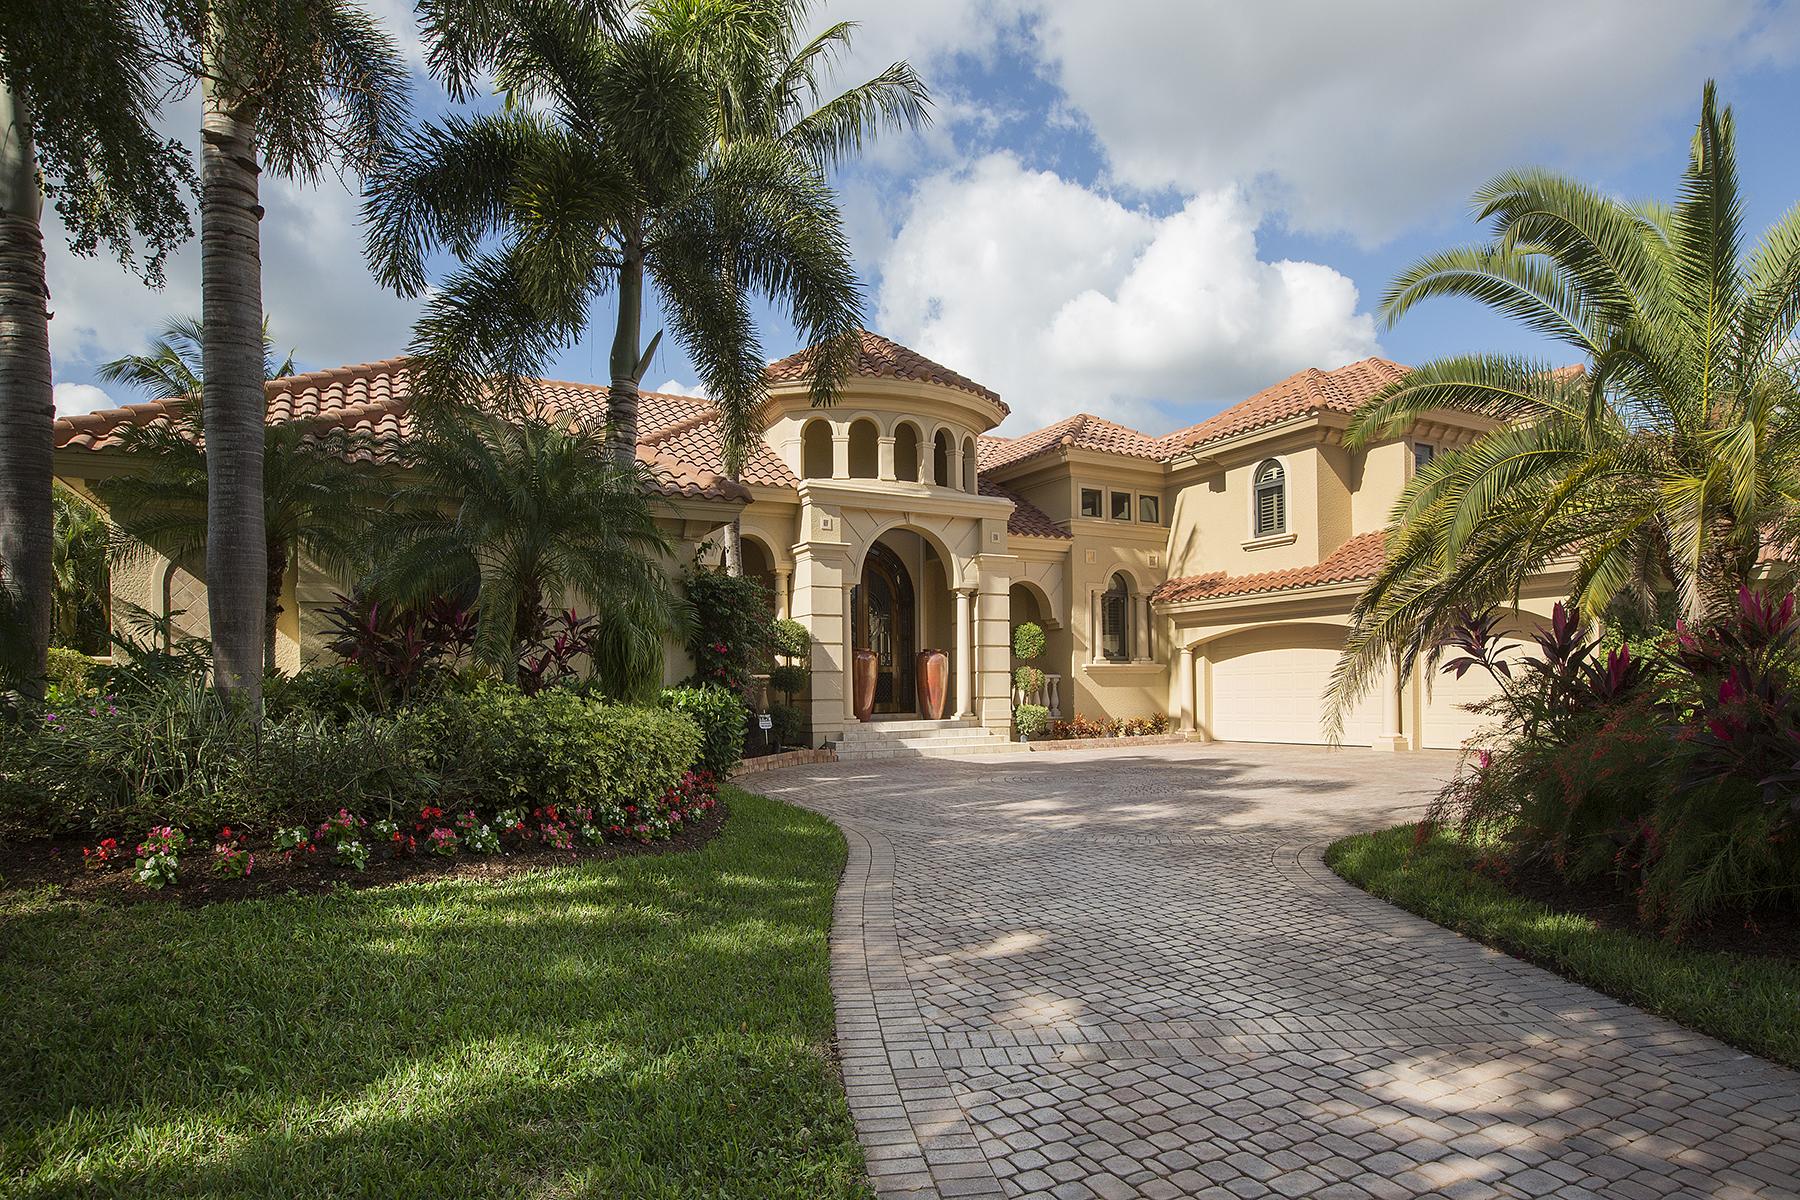 独户住宅 为 销售 在 THE RESERVE 22080 Reserve Estates Dr 埃斯特罗, 佛罗里达州 34135 美国